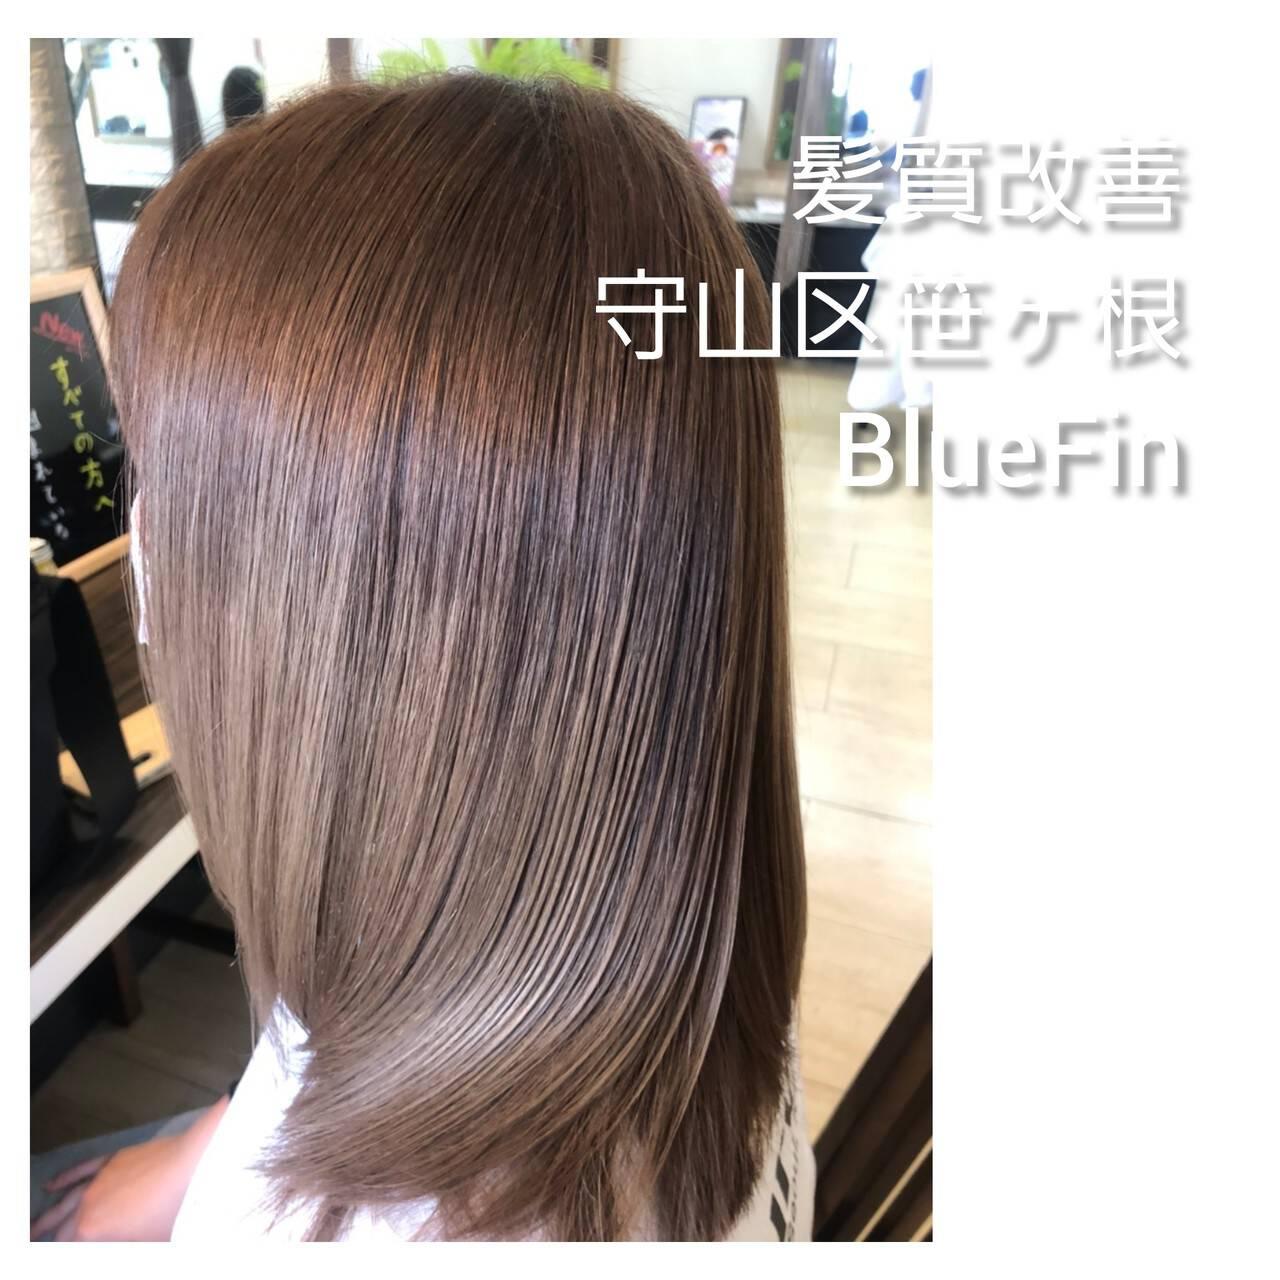 縮毛矯正 ナチュラル 名古屋市守山区 セミロングヘアスタイルや髪型の写真・画像